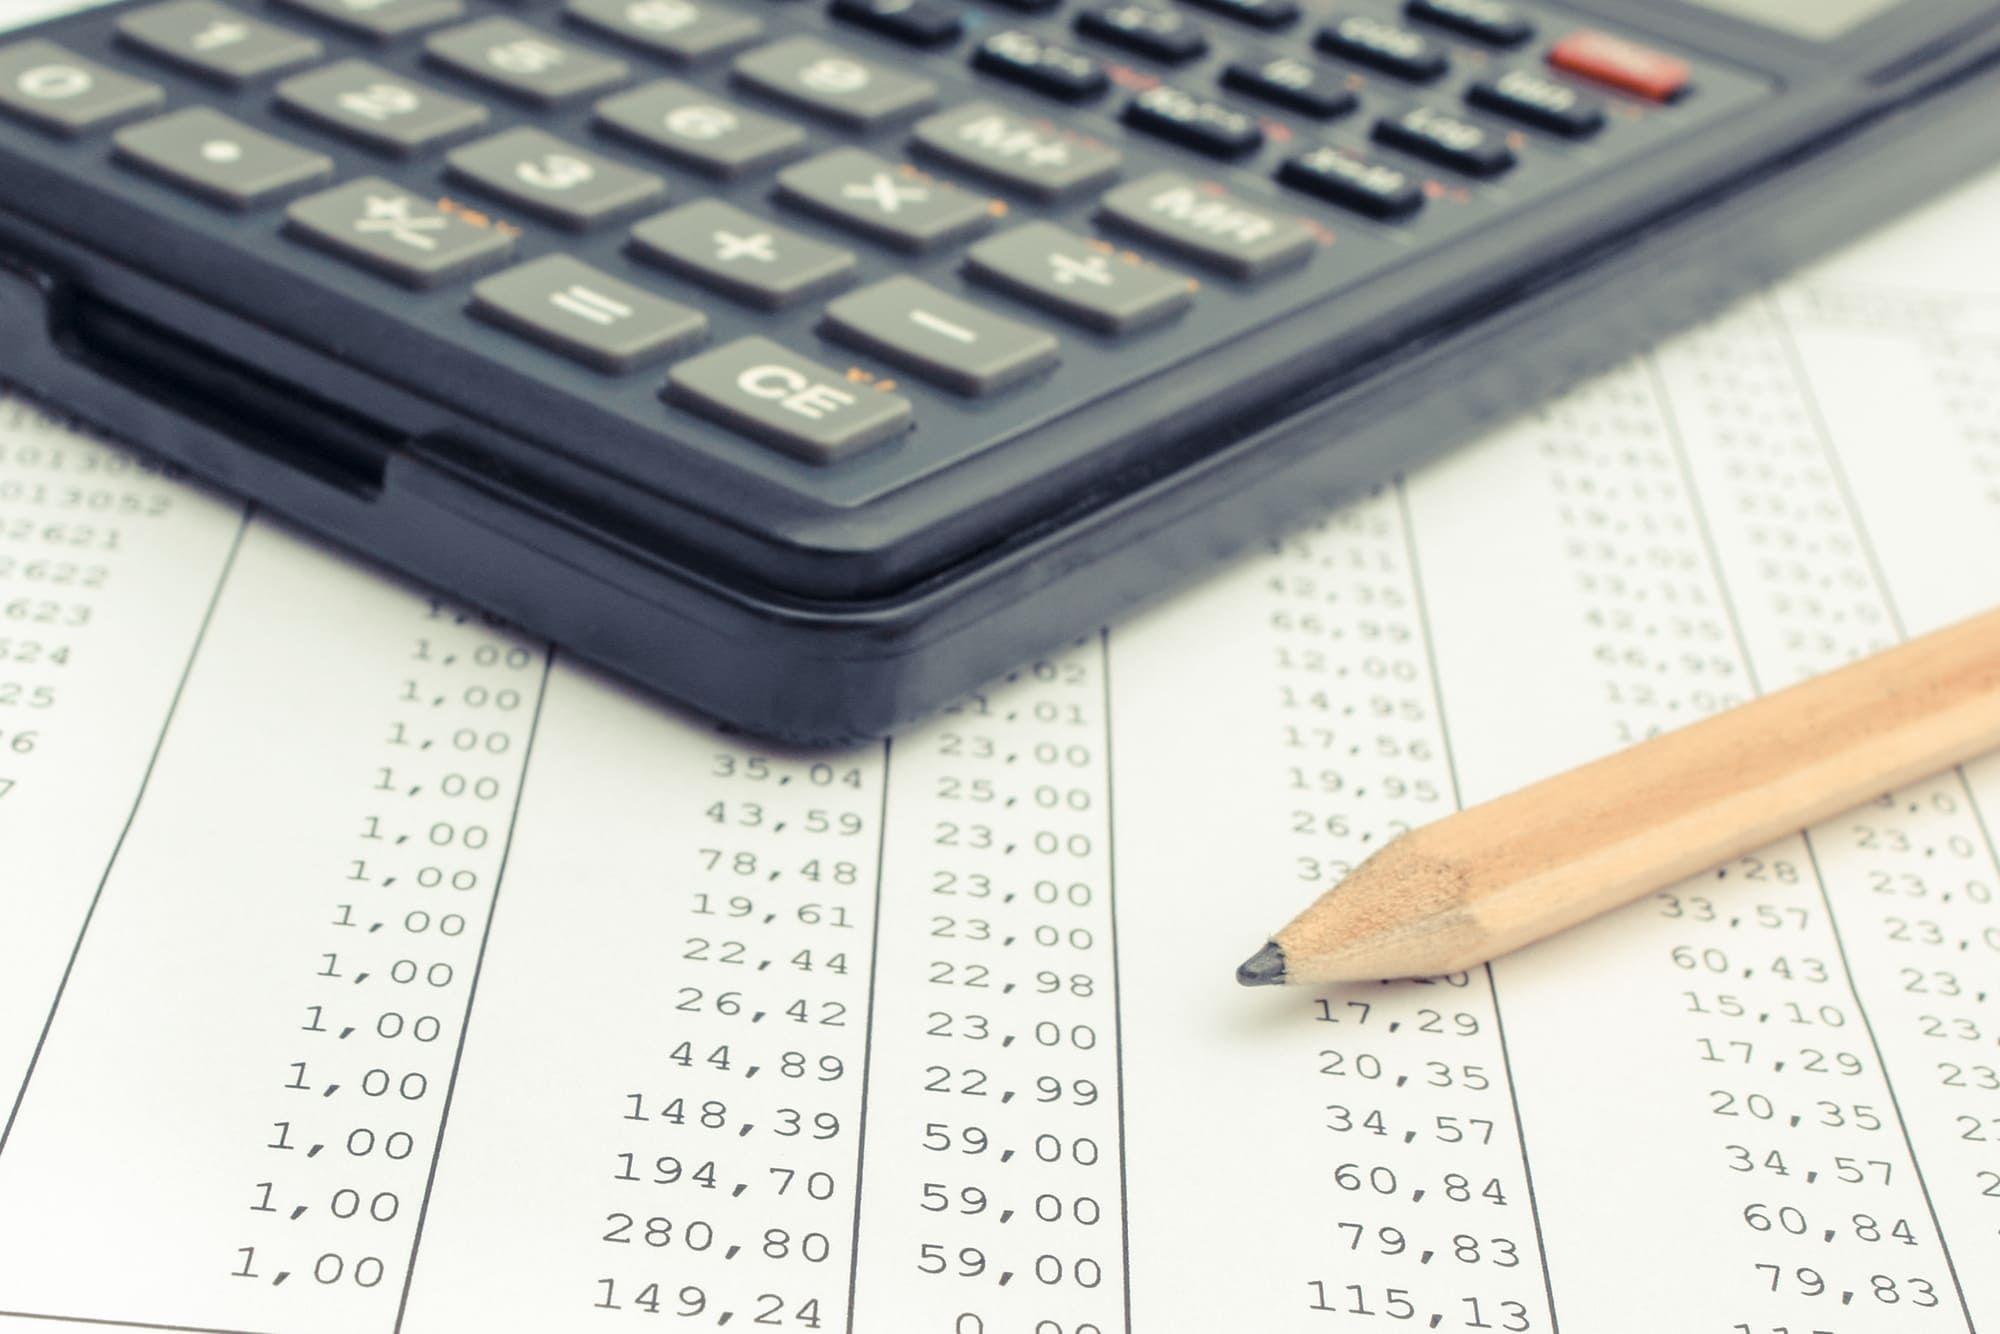 Предложены поправки к порядку взимания банковских комиссий с юридических лиц и ИП